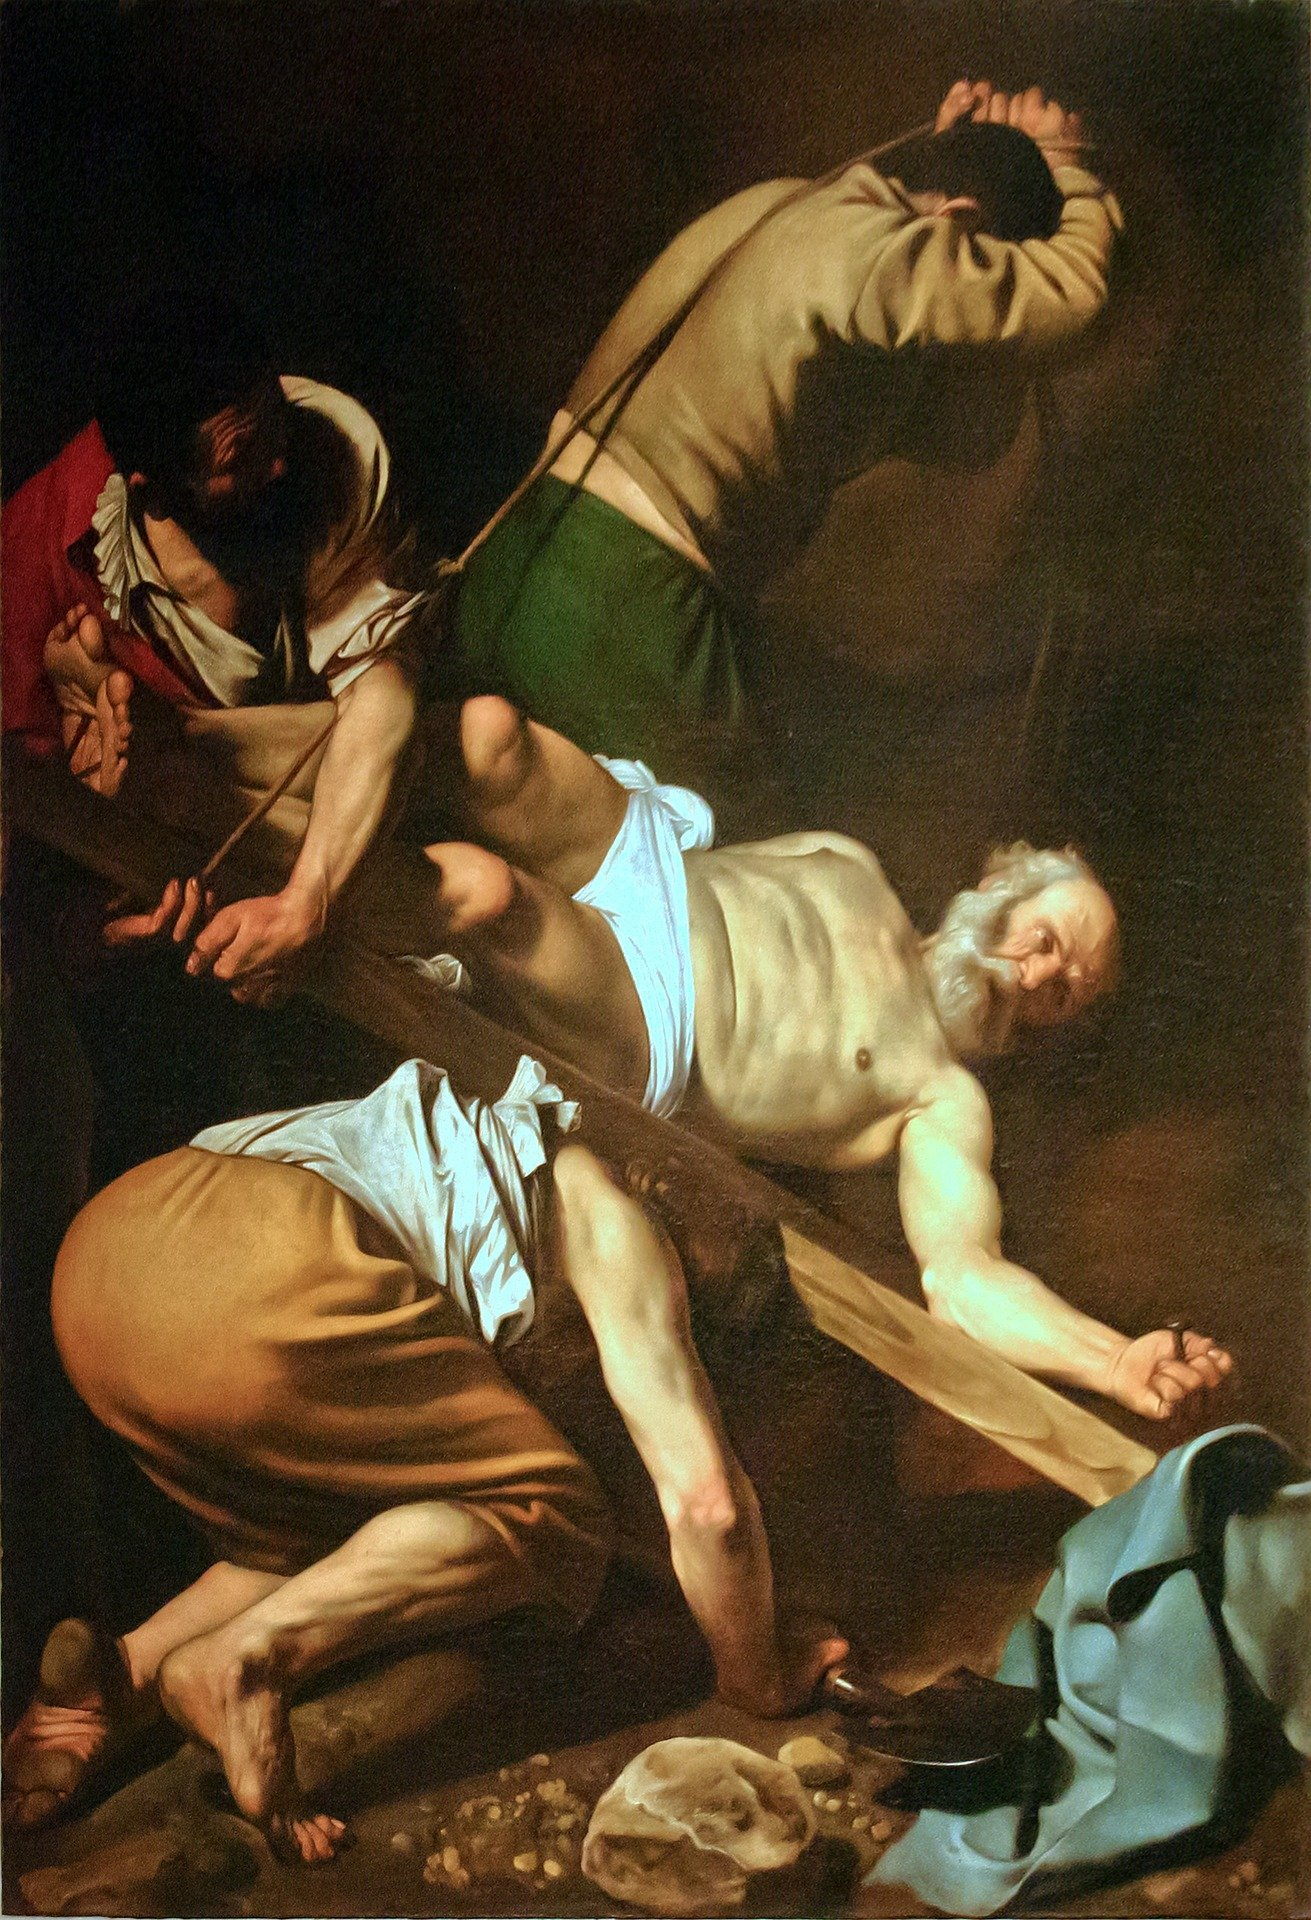 caravaggion paintings at Santa Maria del Popolo